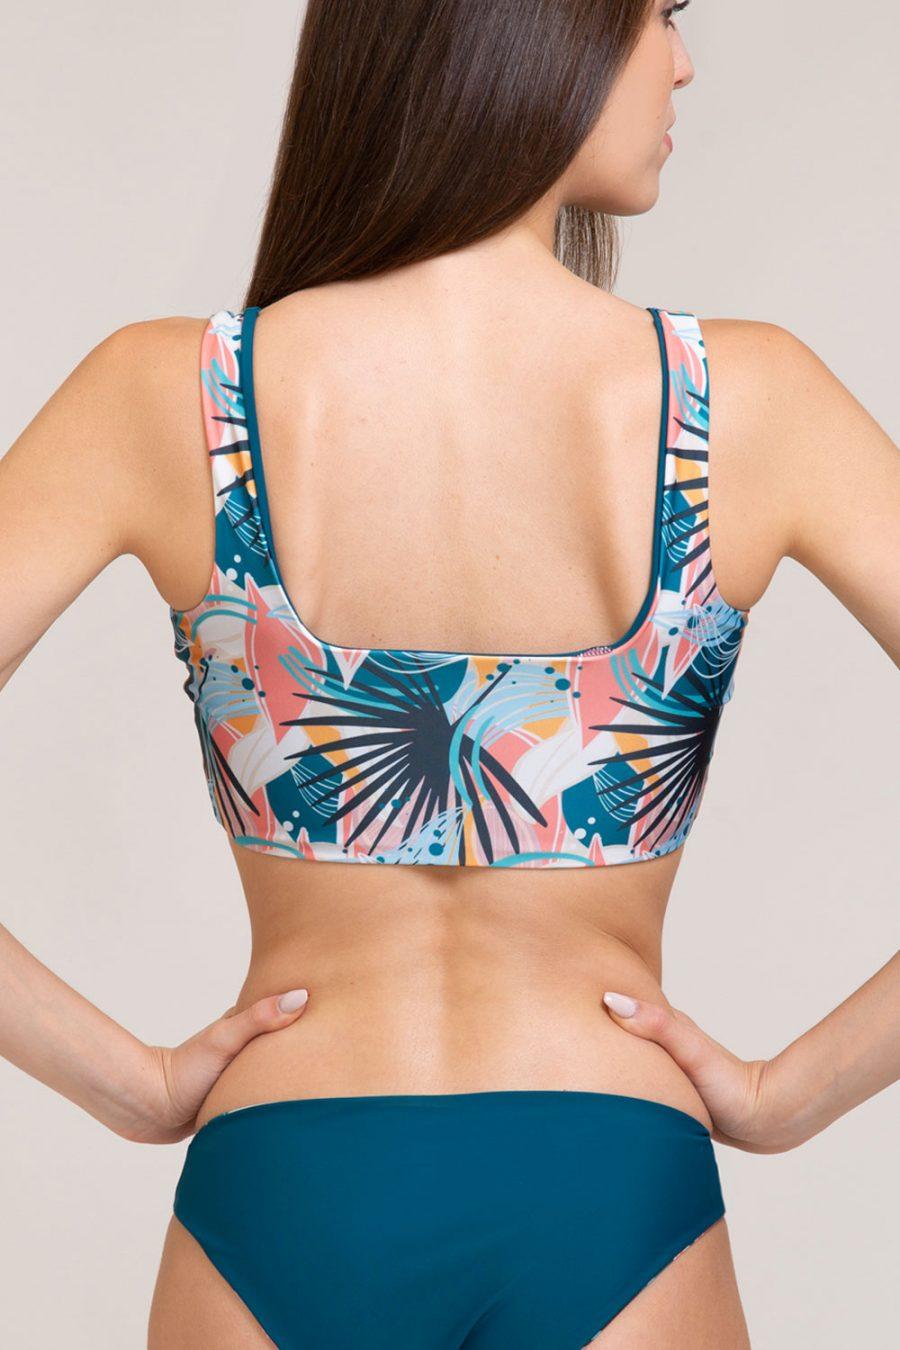 bikini top anita double face abbigliamento yoga donna made in Italy colore verde tropical